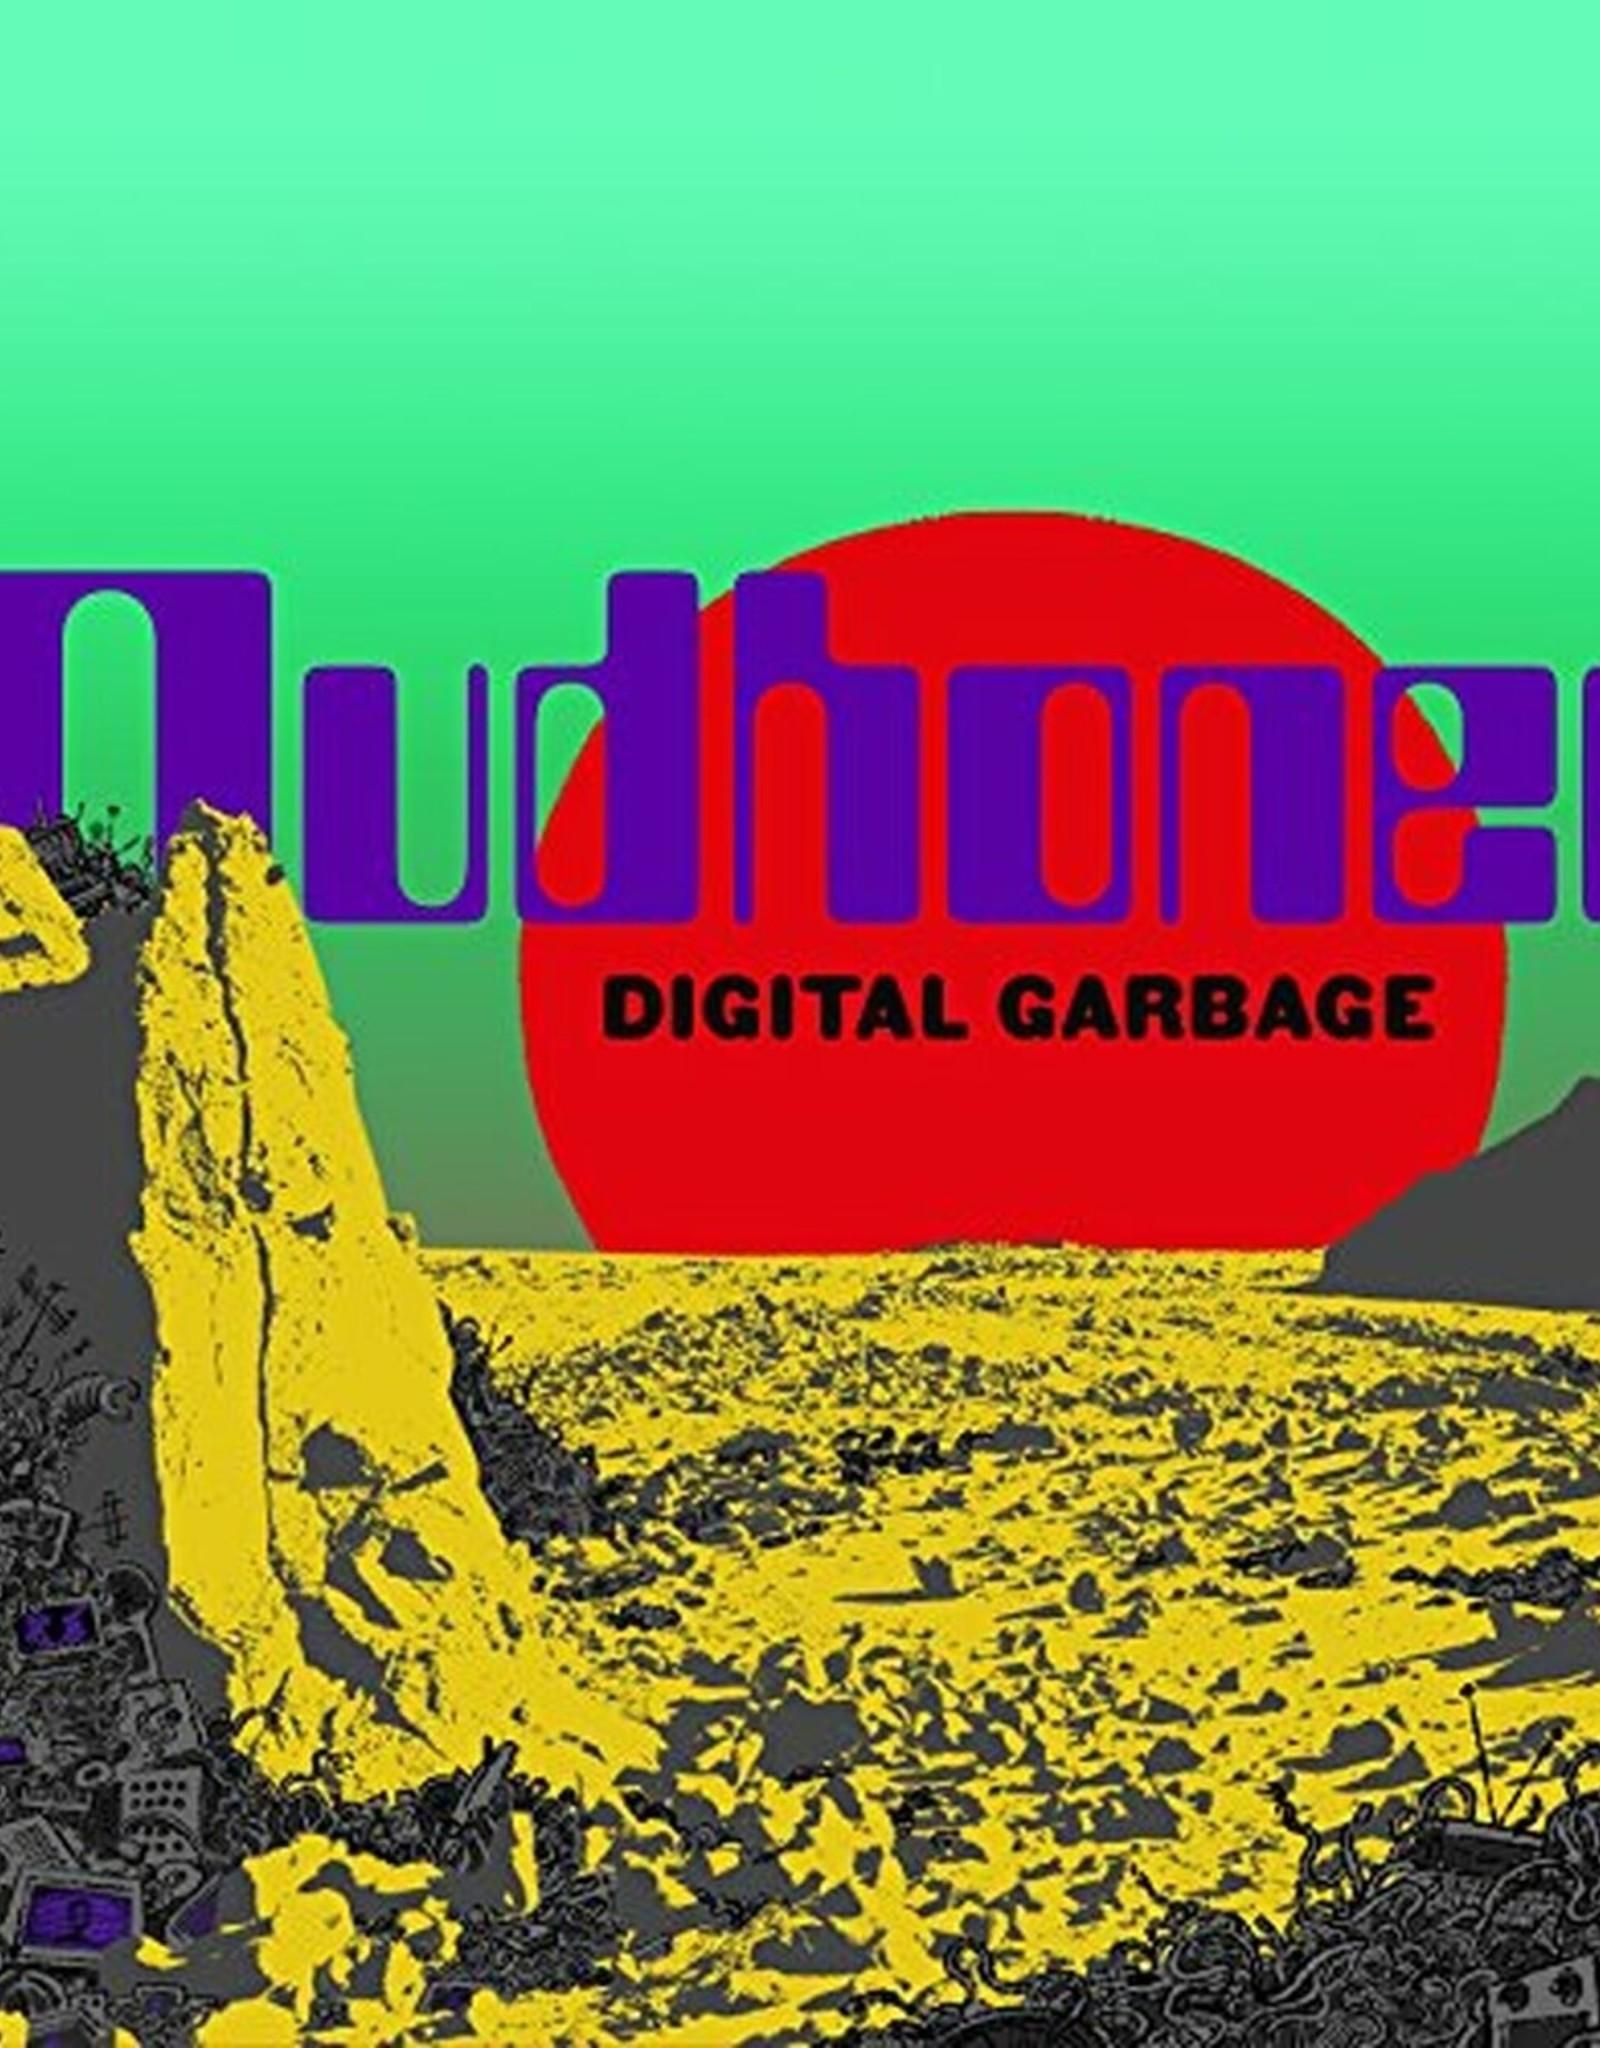 Mudhoney - Digital Garbage Lp